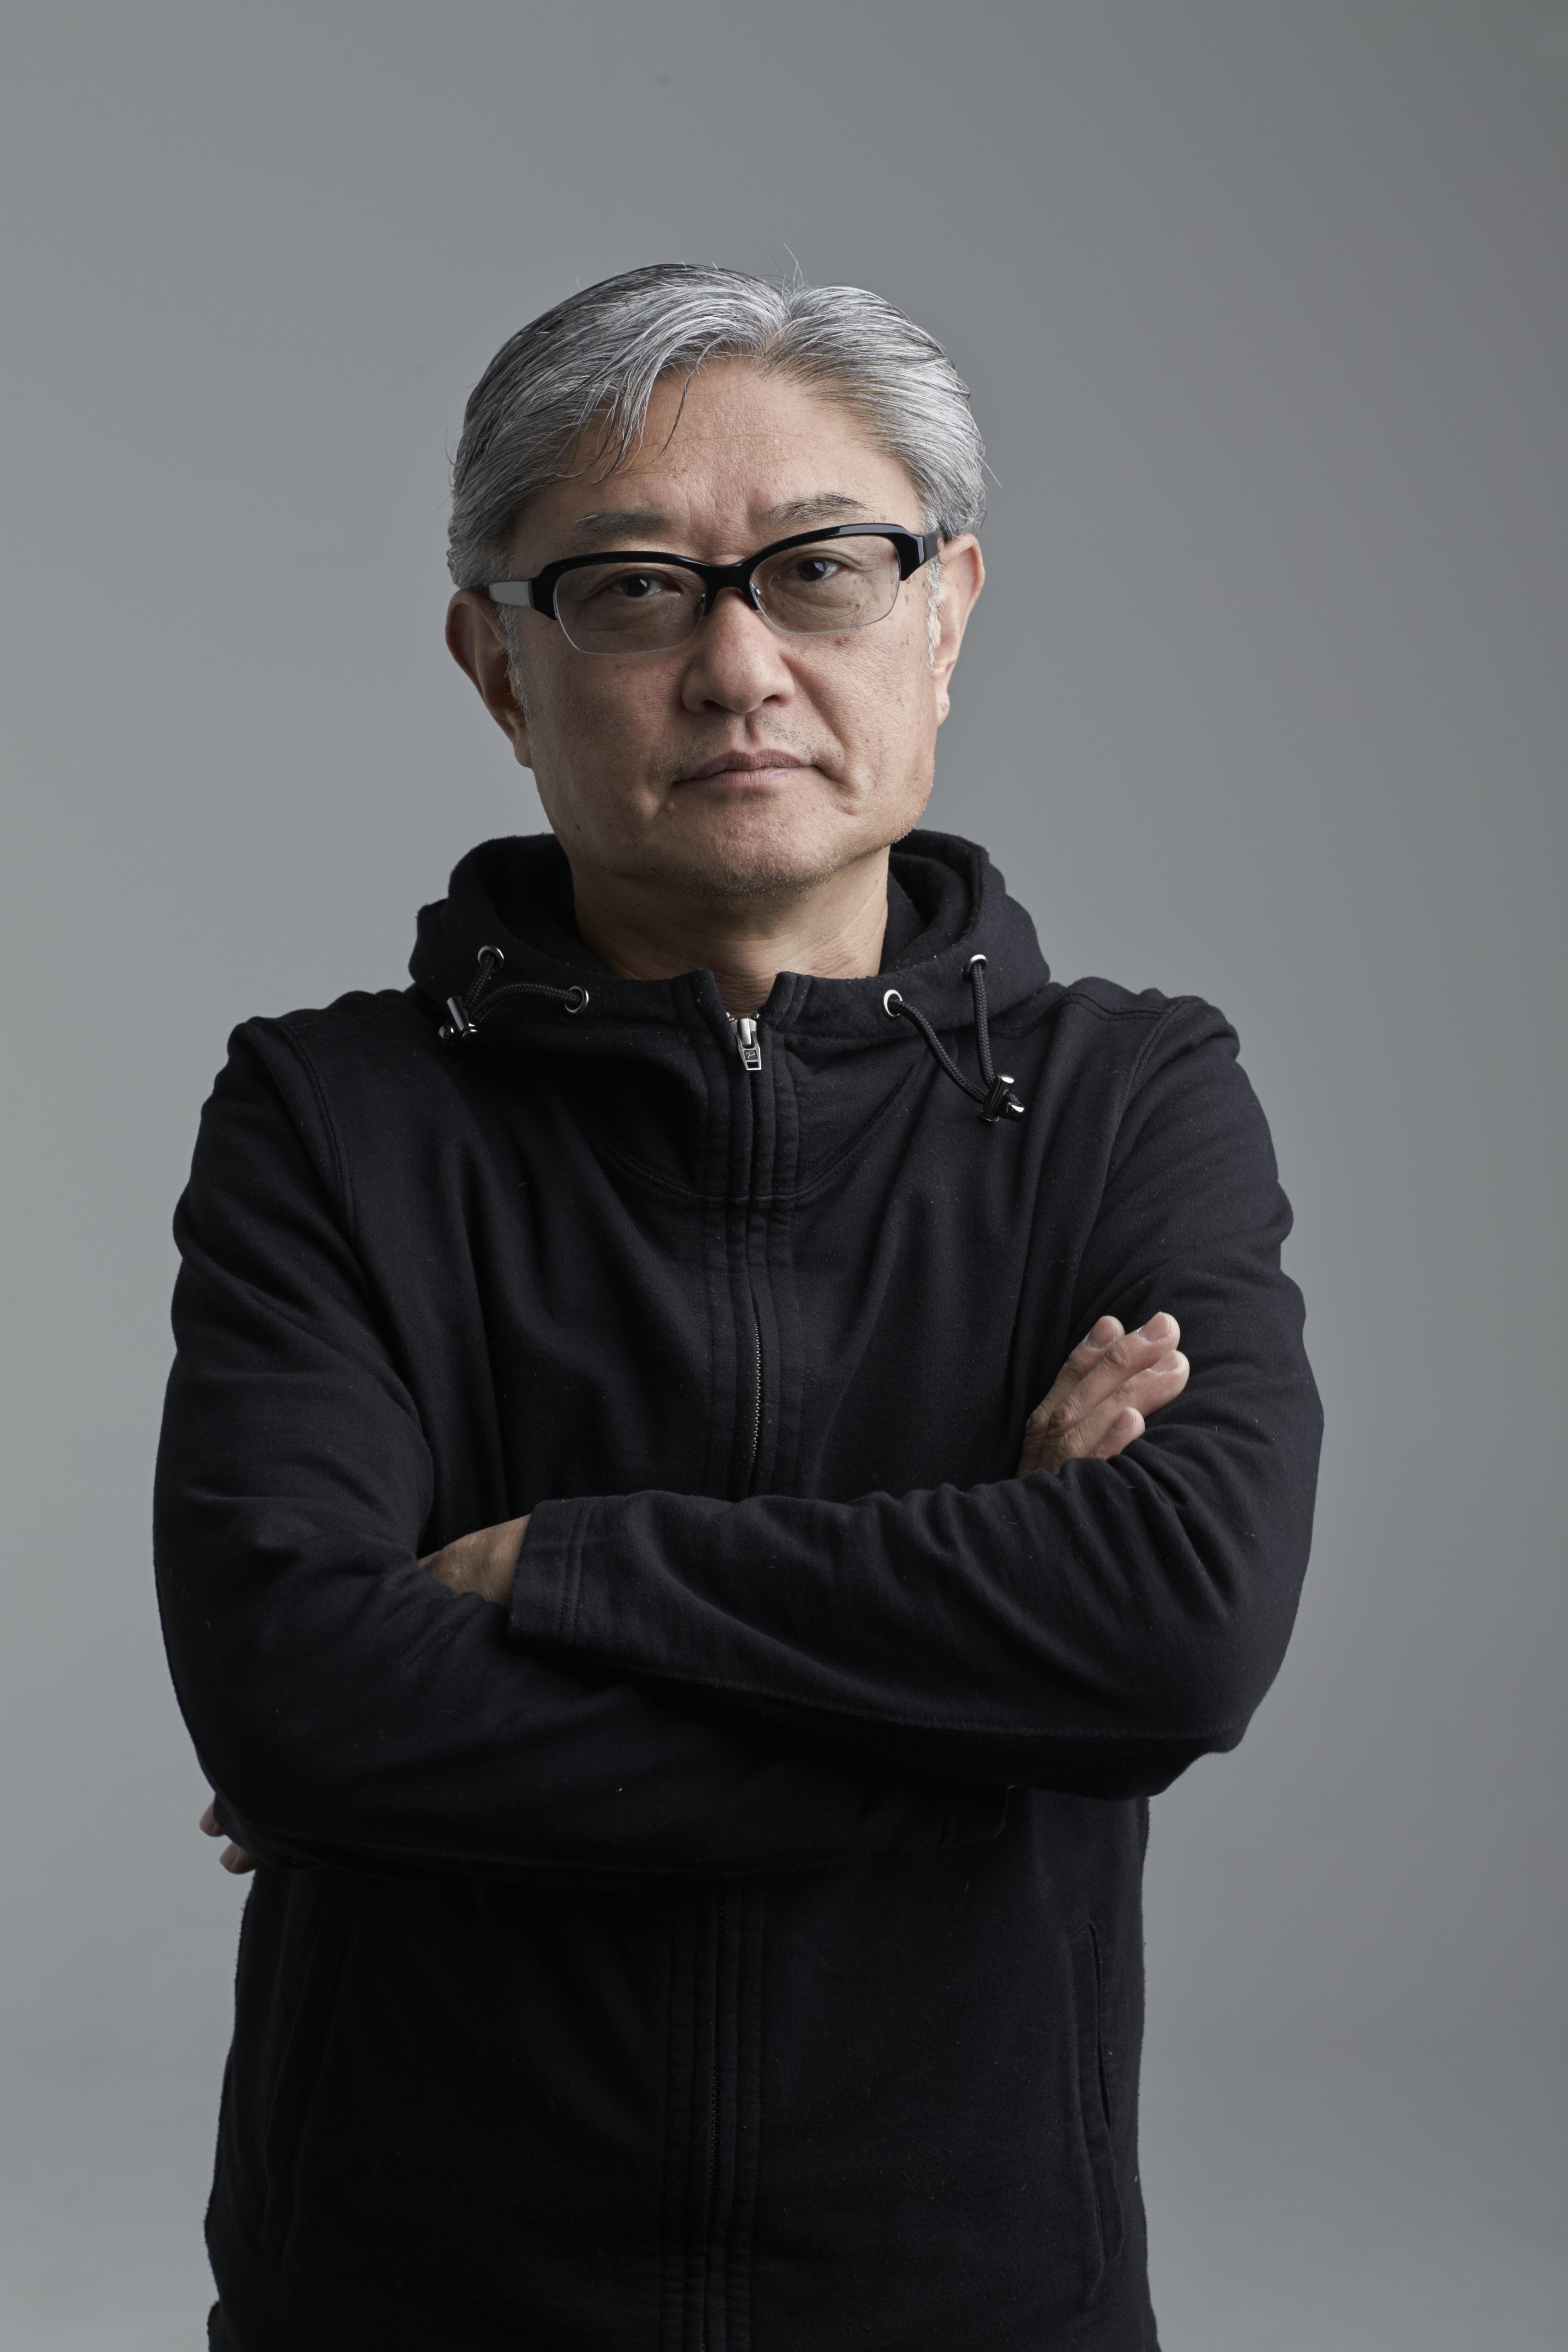 オープニング映像は演出家・映画監督の堤幸彦氏がプロデュース